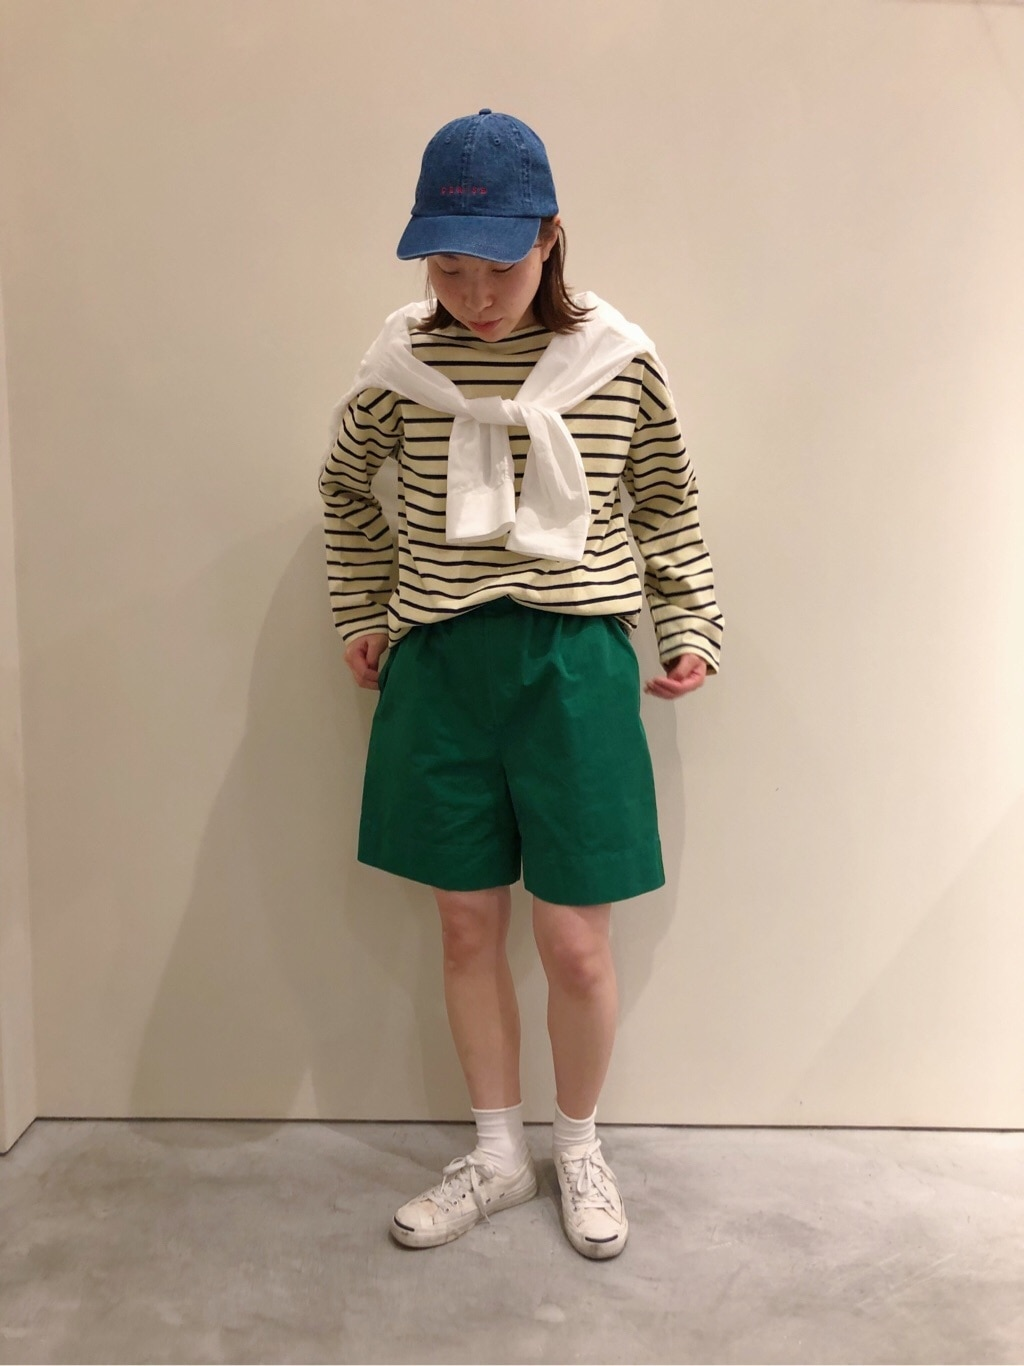 - CHILD WOMAN CHILD WOMAN , PAR ICI 新宿ミロード 身長:159cm 2021.05.09